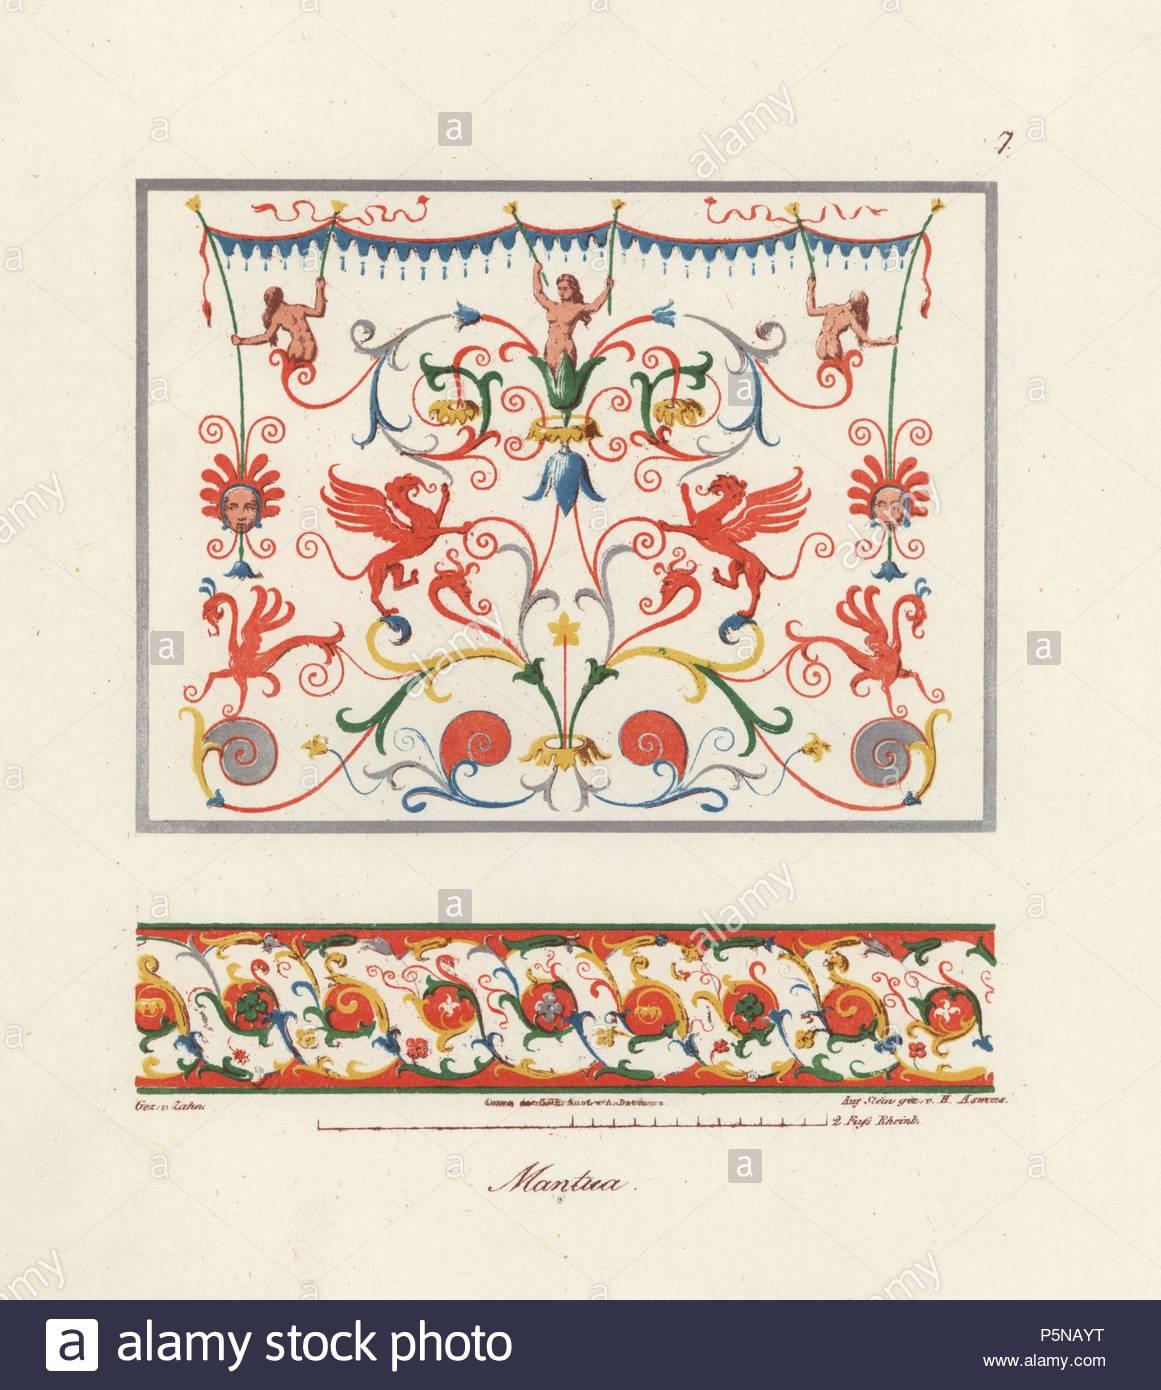 Palazzo Interior Stockfotos & Palazzo Interior Bilder - Seite 6 - Alamy